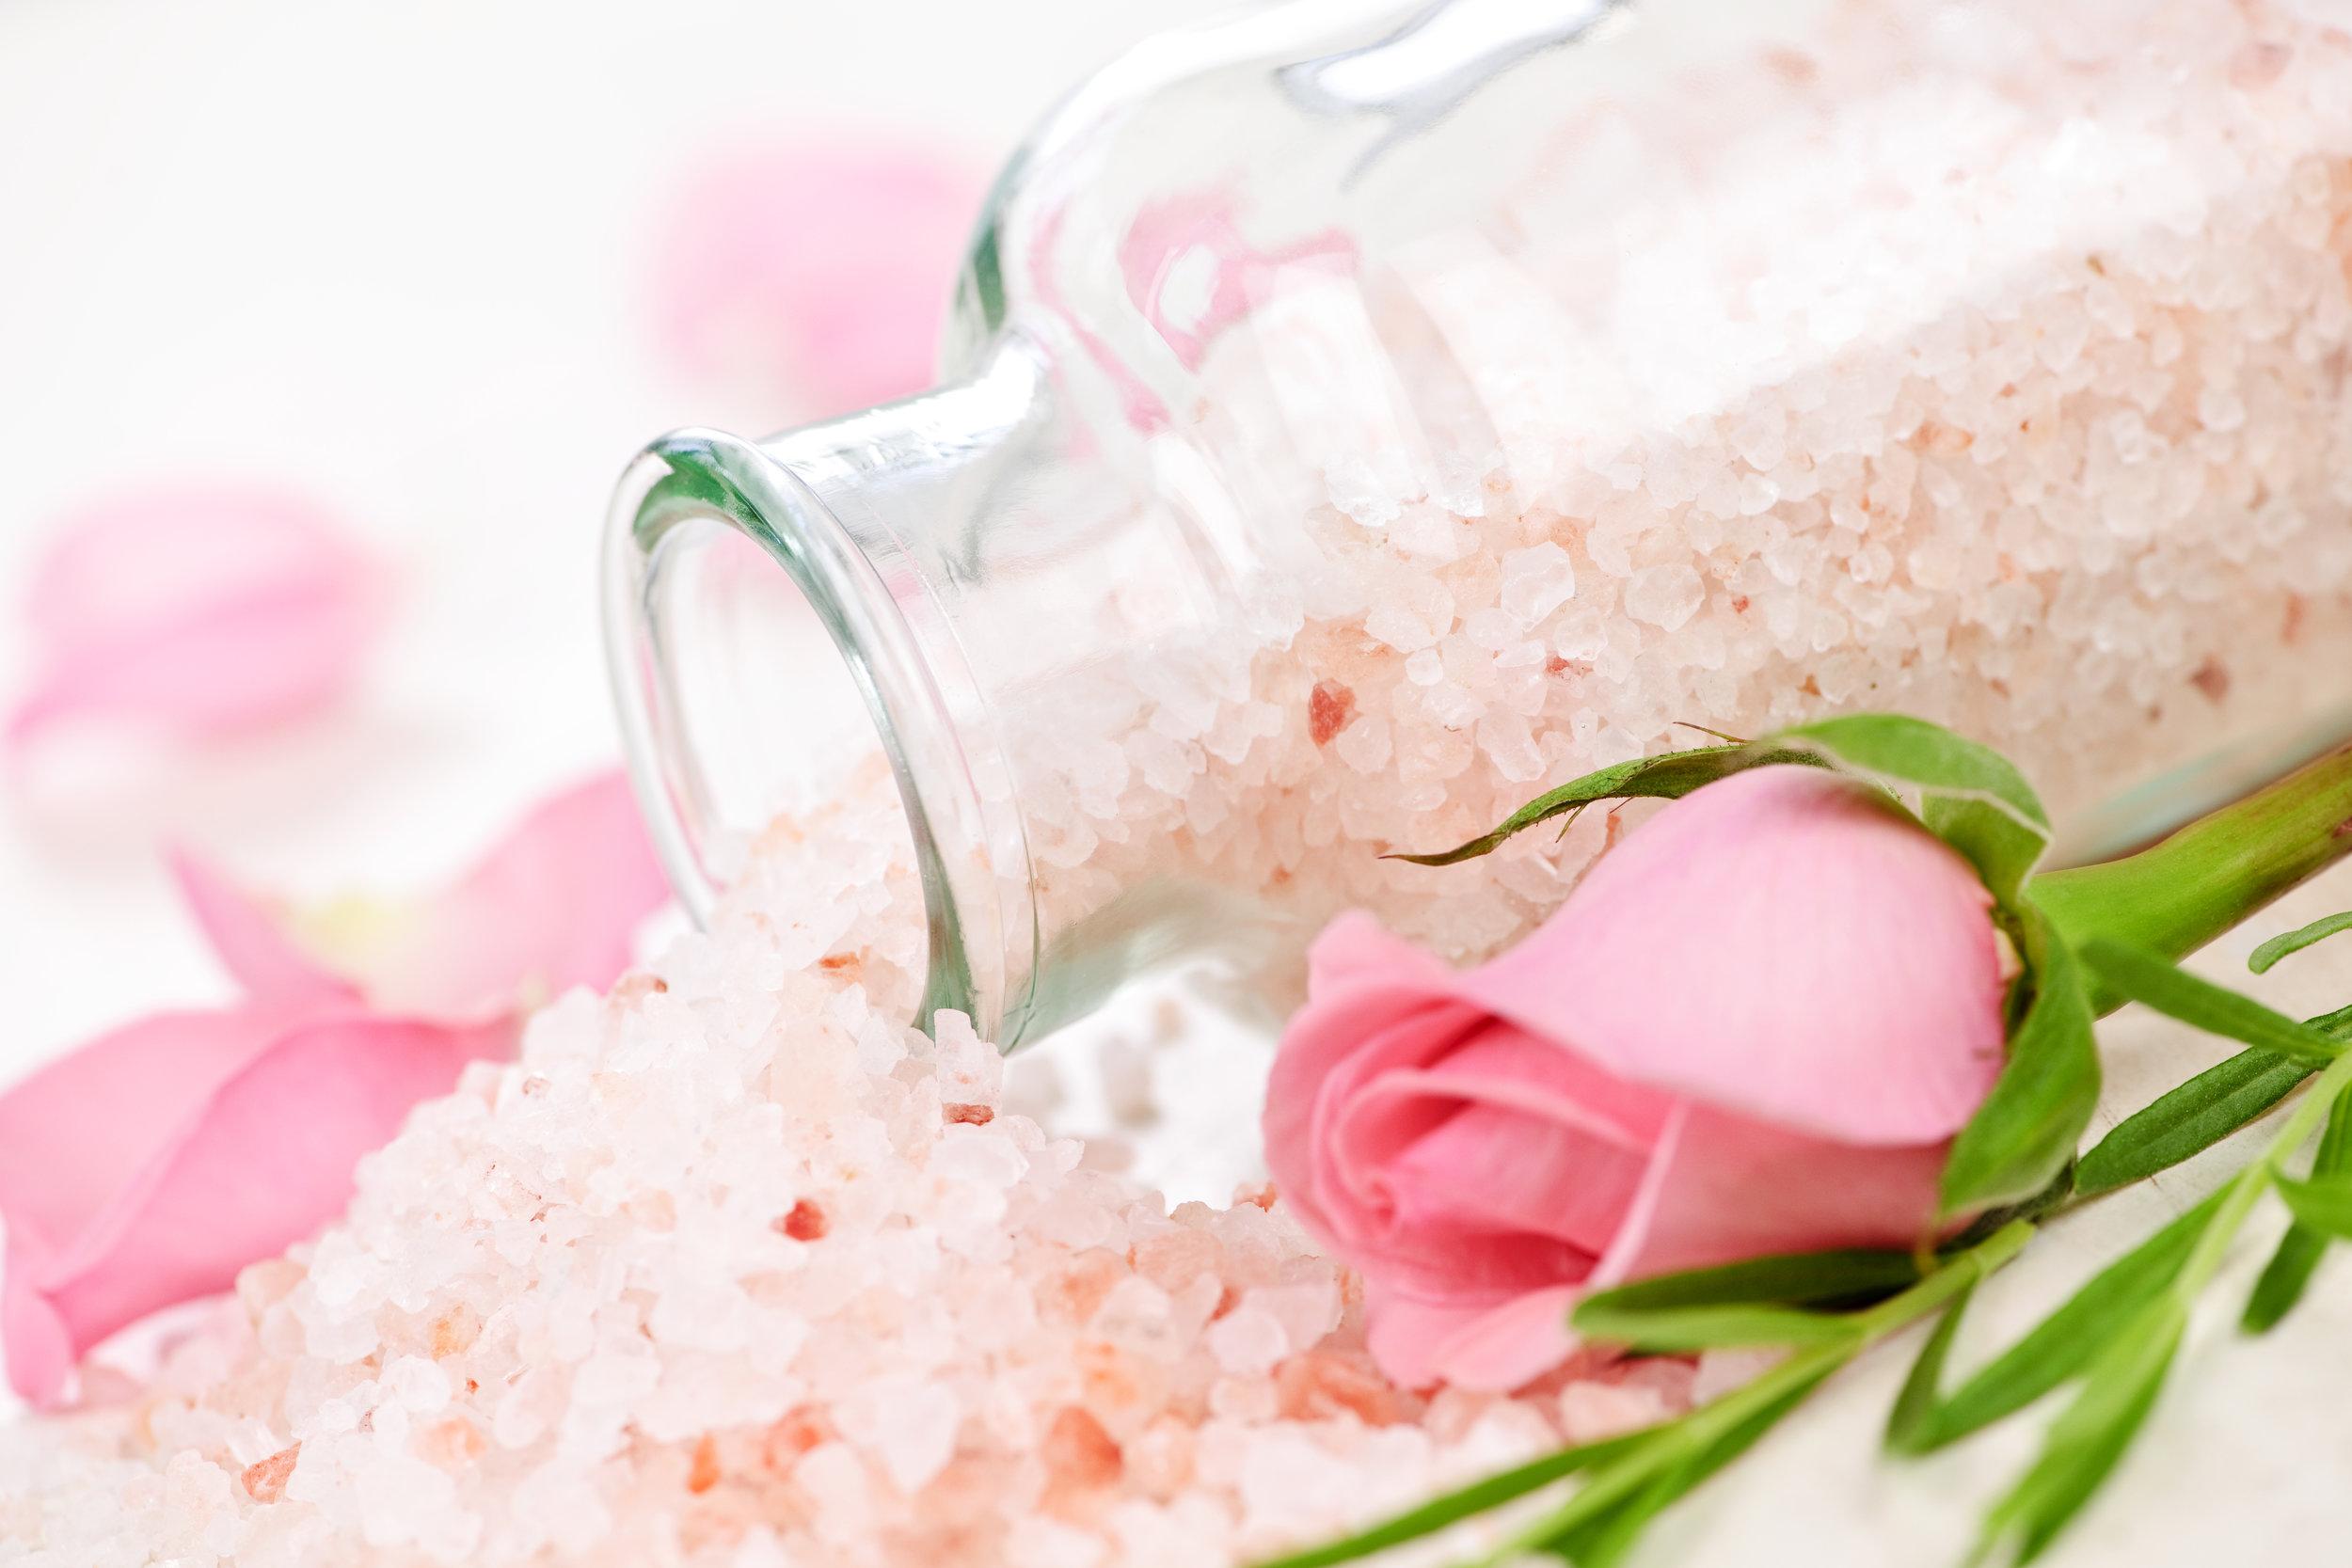 epsom salt prostate